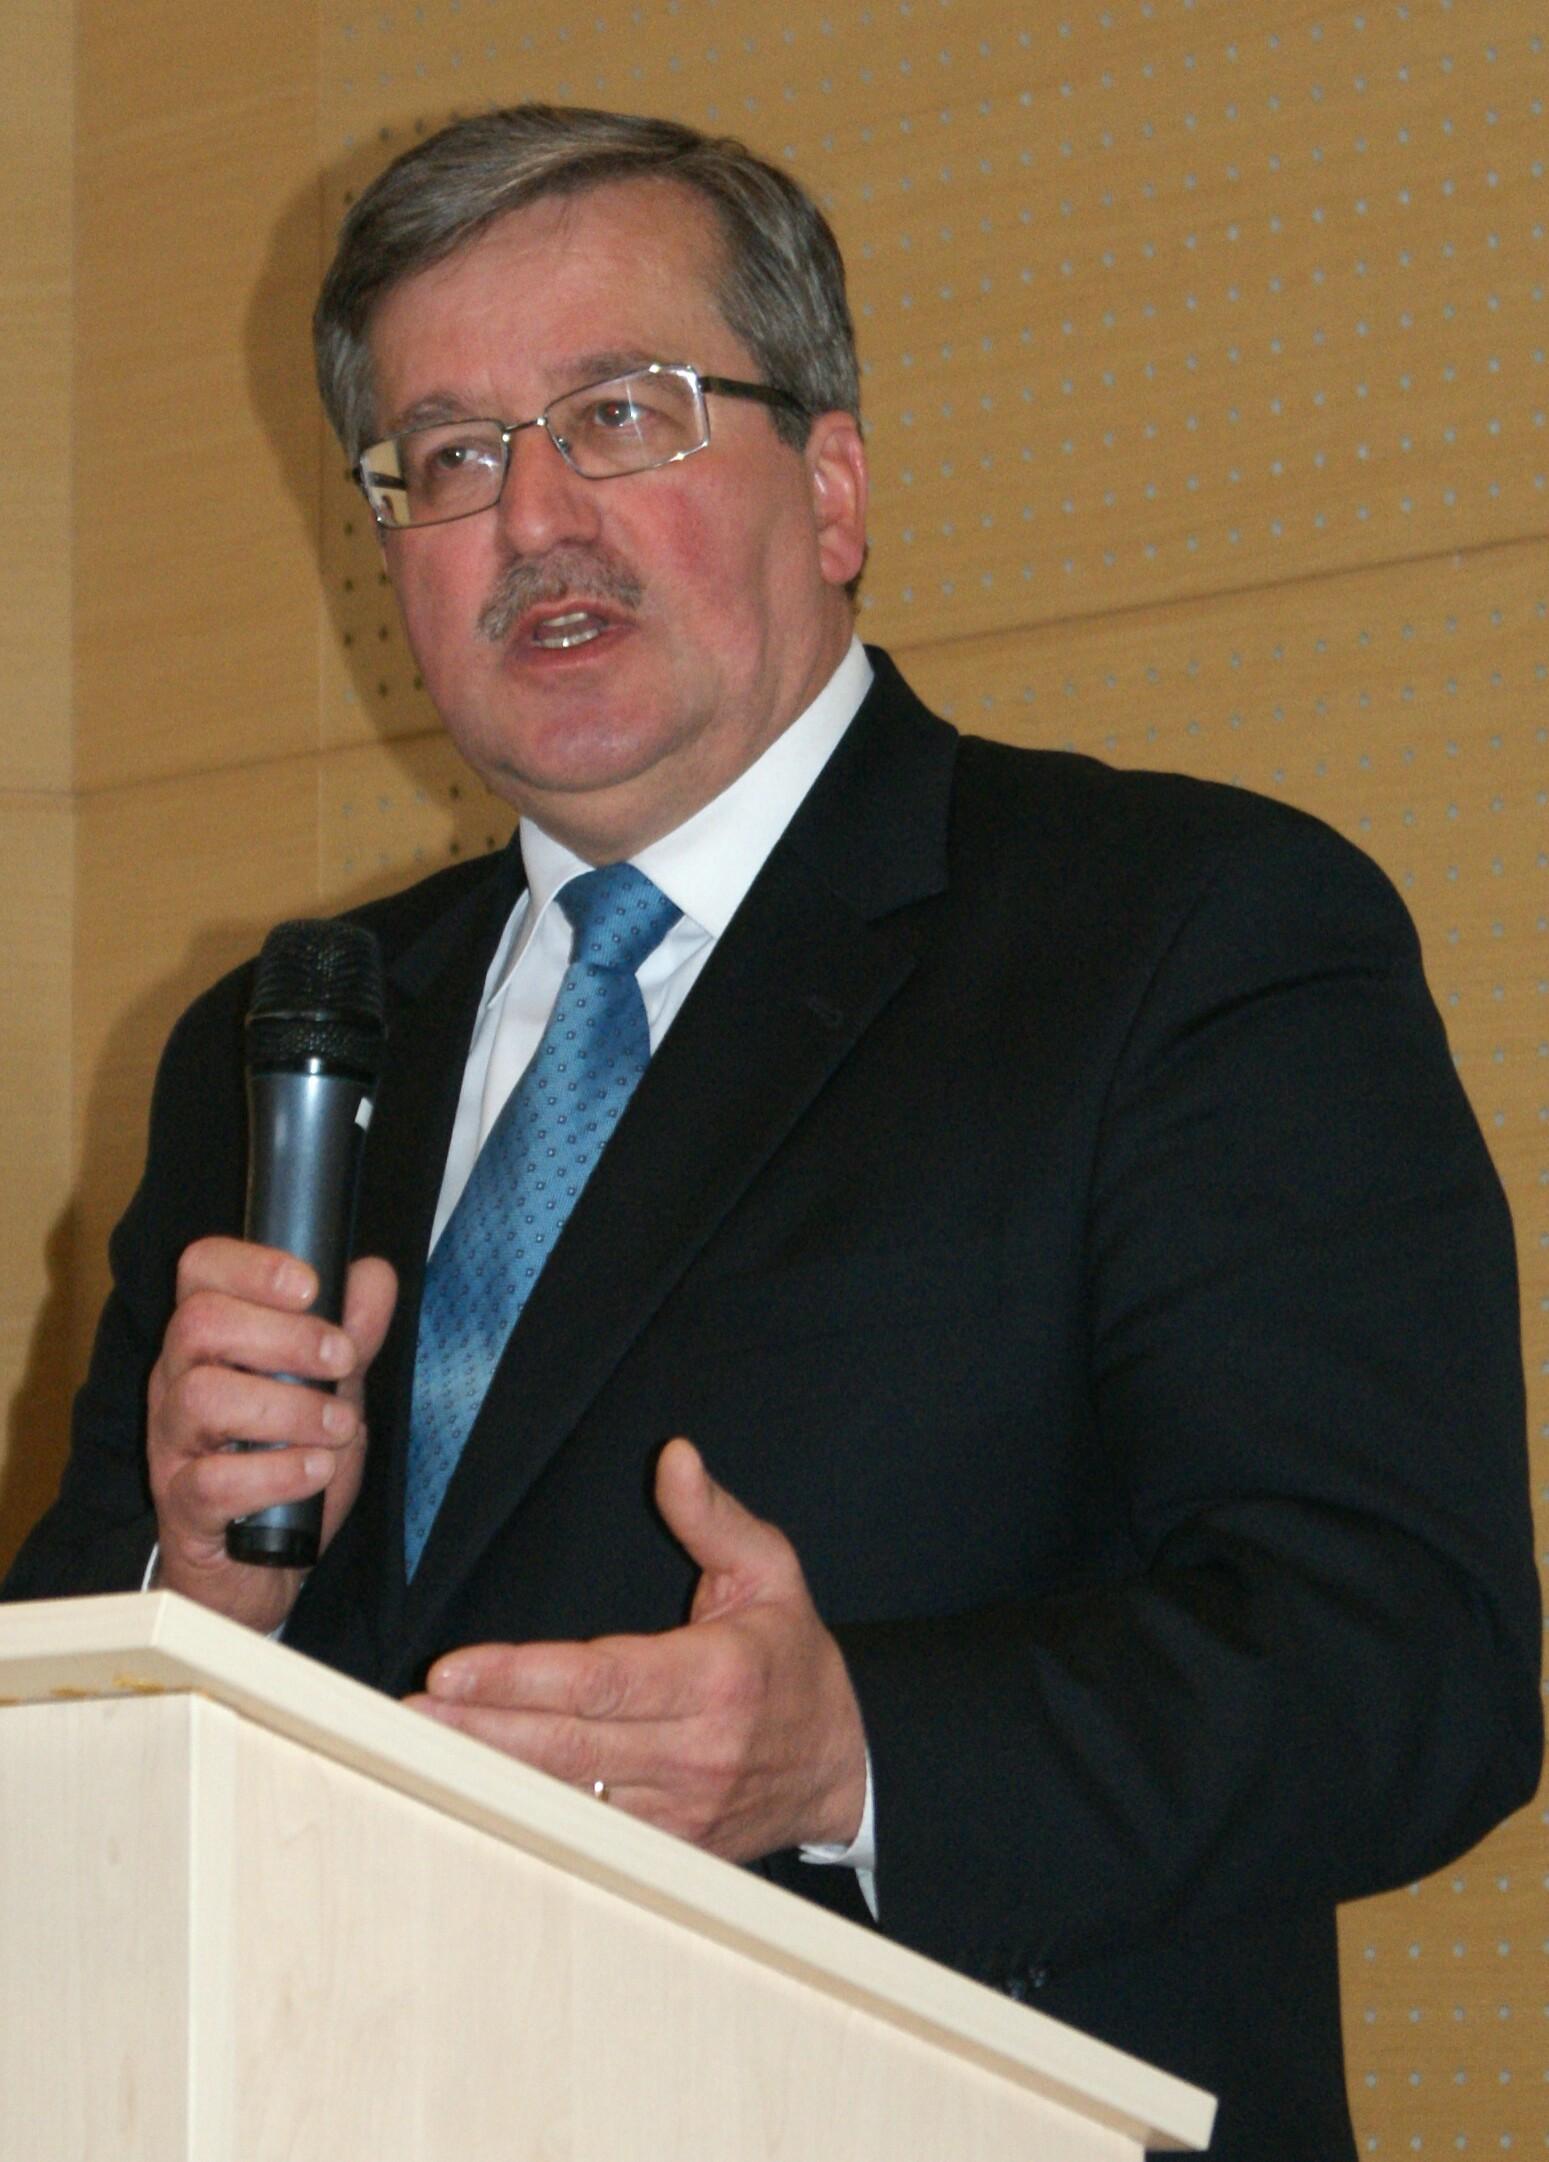 Der neue polnische Präsident Komorowski